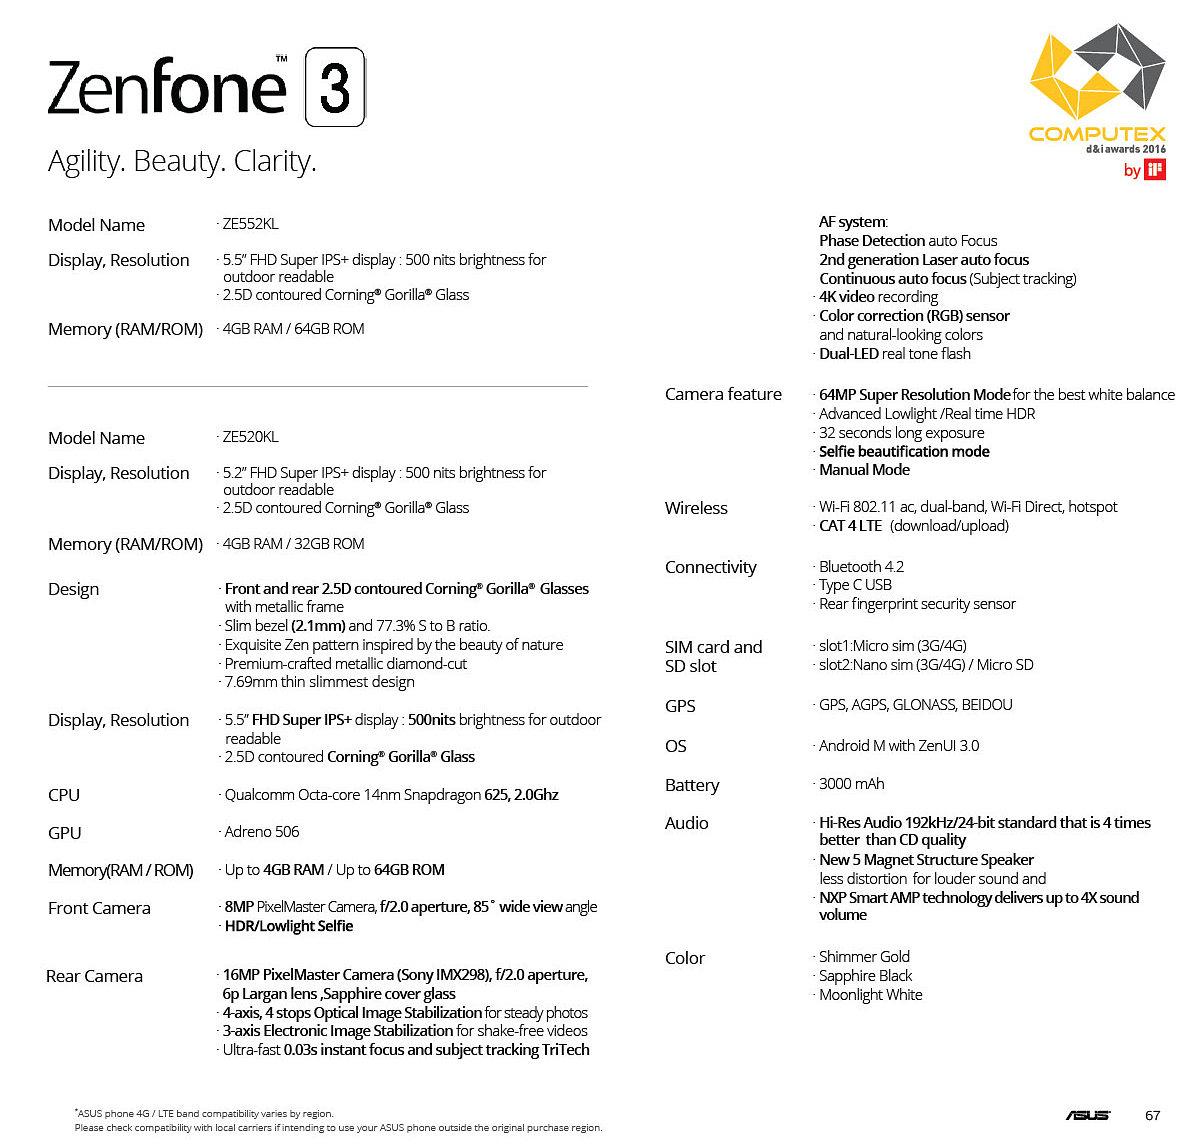 ZenFone 3 Complete Specs